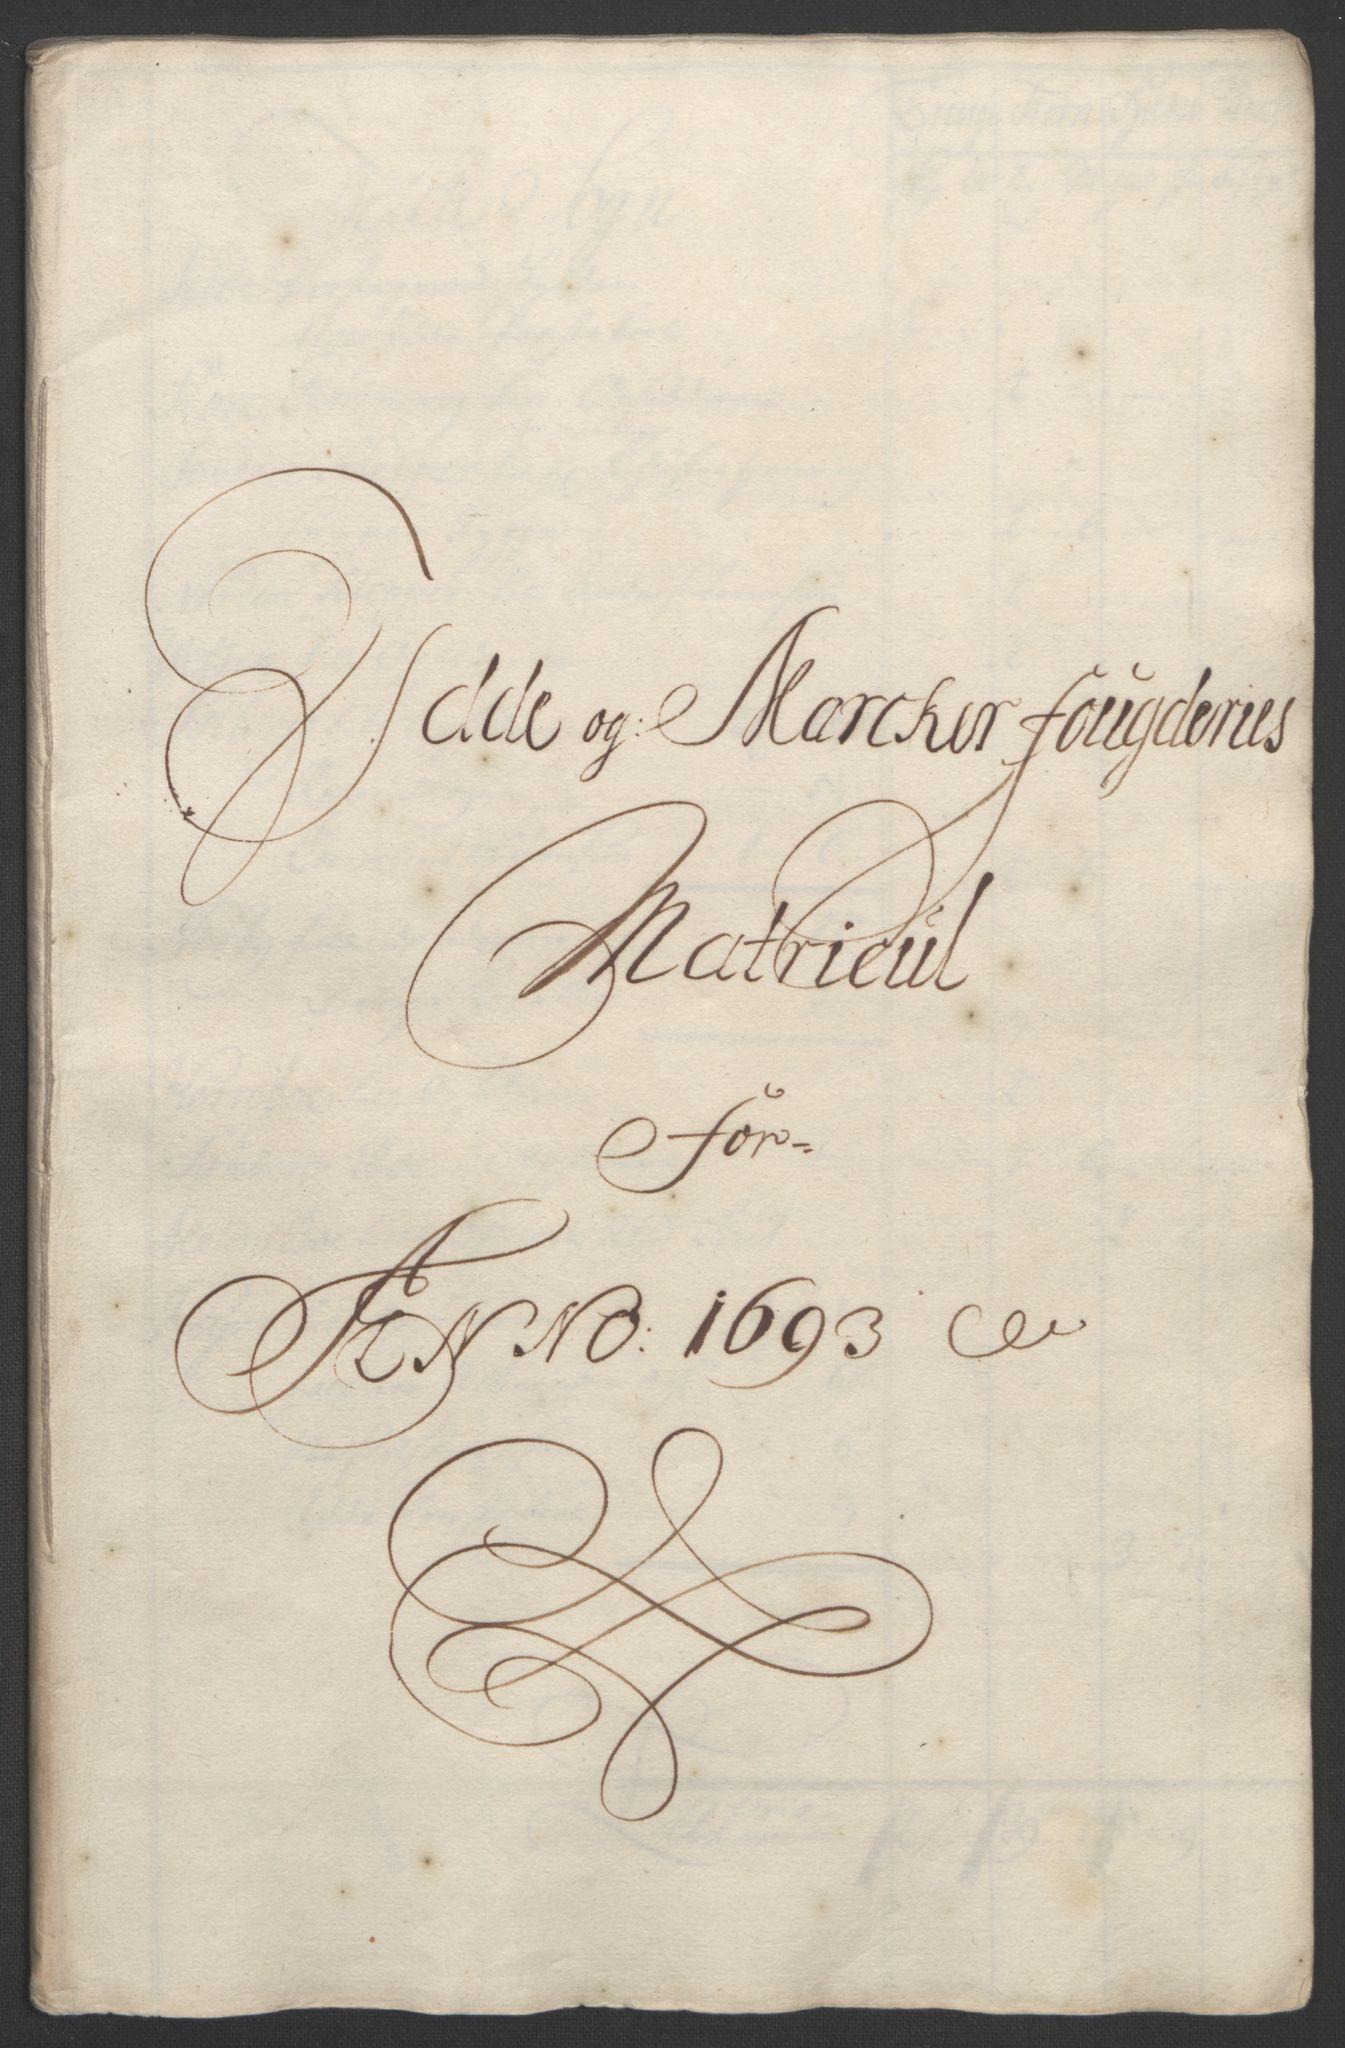 RA, Rentekammeret inntil 1814, Reviderte regnskaper, Fogderegnskap, R01/L0011: Fogderegnskap Idd og Marker, 1692-1693, s. 257